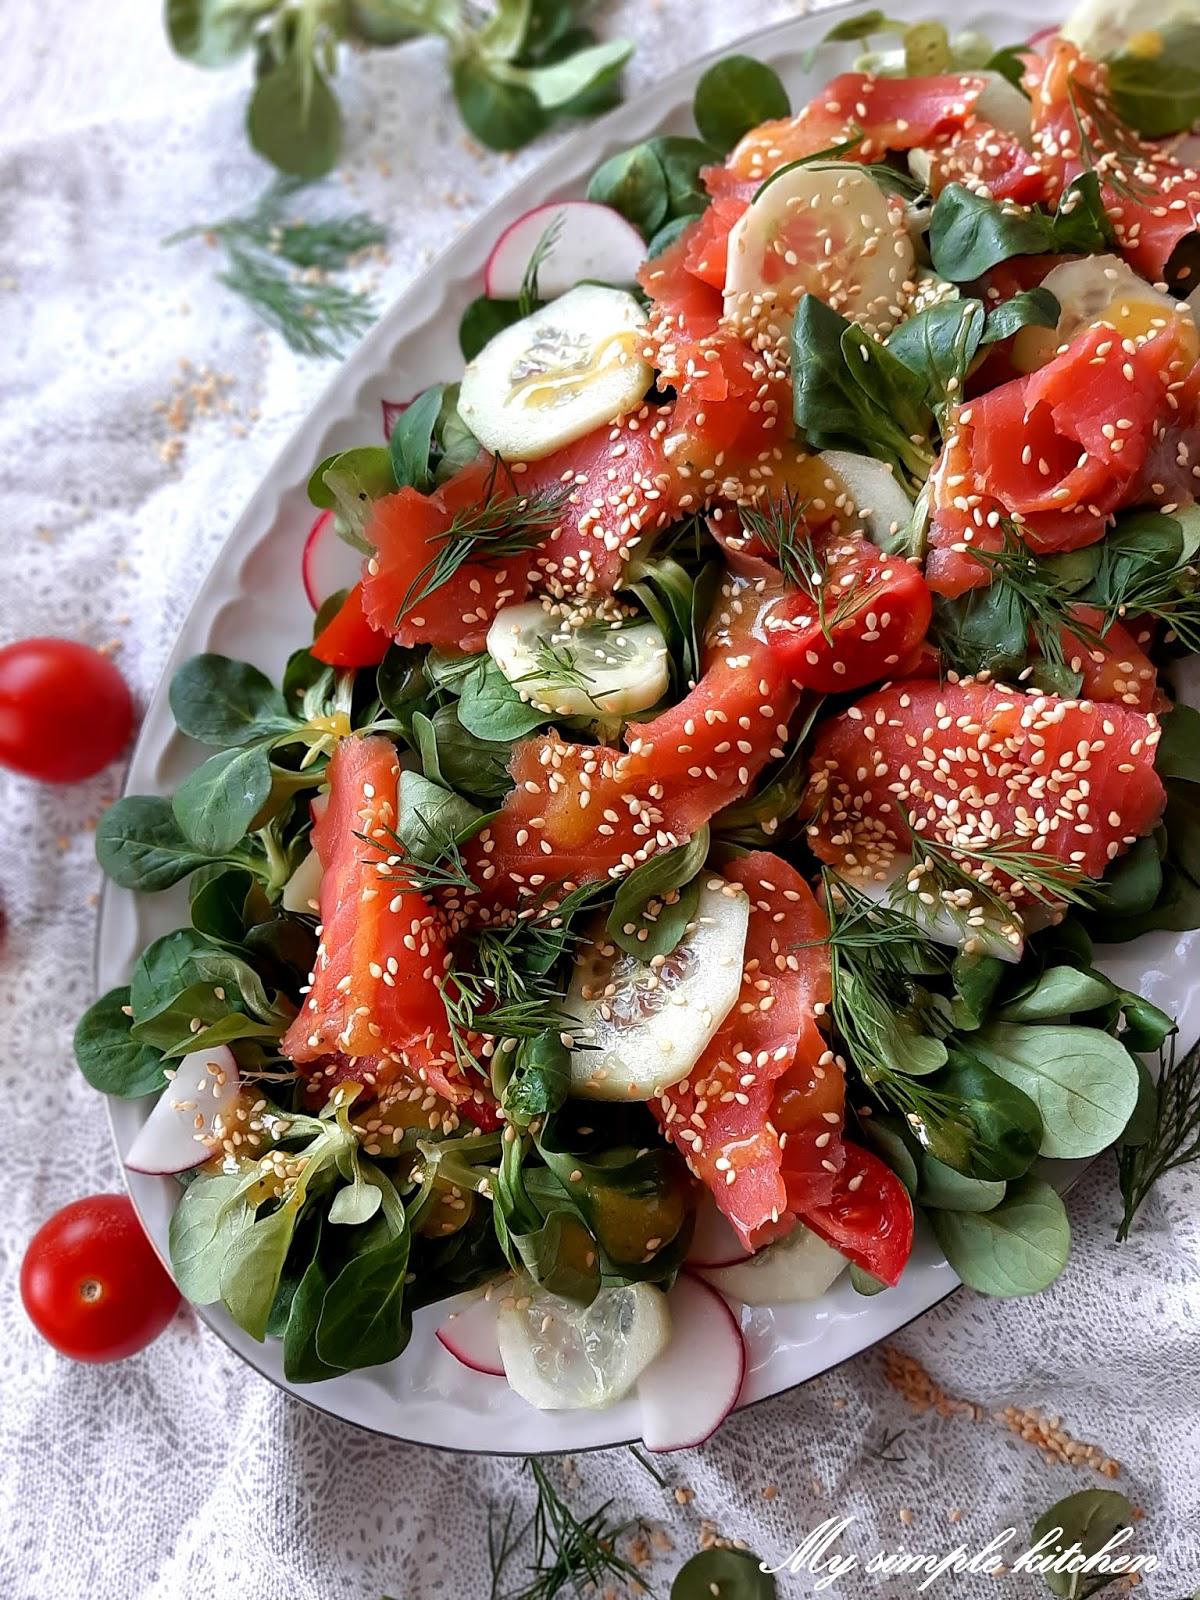 Wiosenna sałatka z pstrągiem tęczowym, roszponką i sezamem